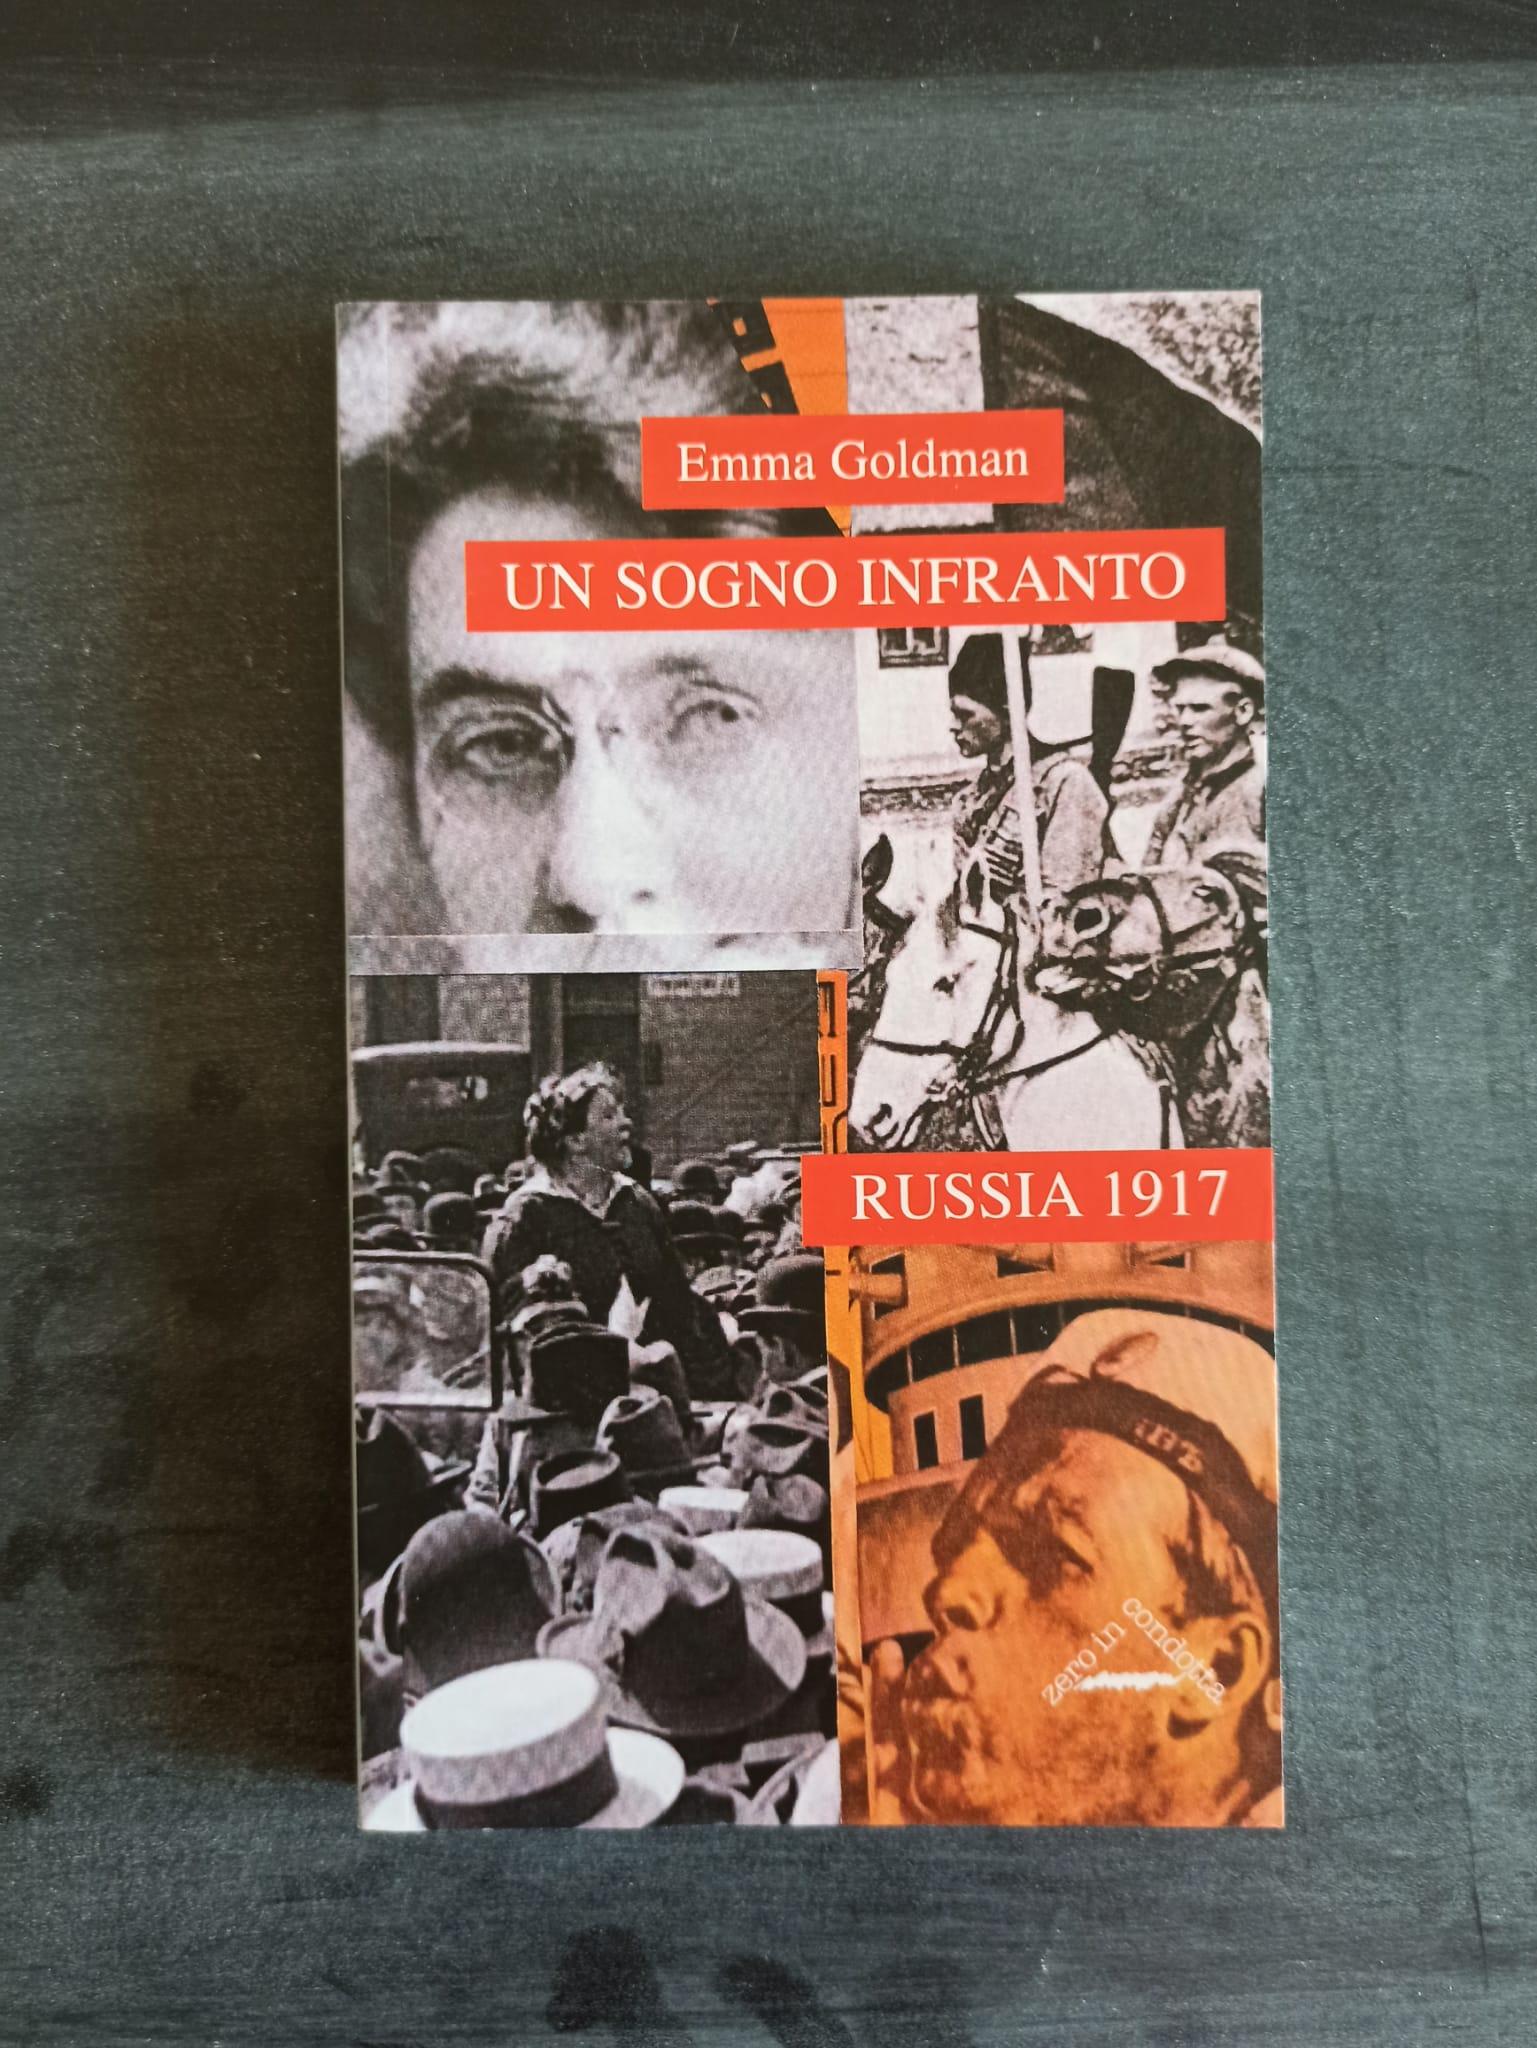 Un sogno infranto - Russia 1917